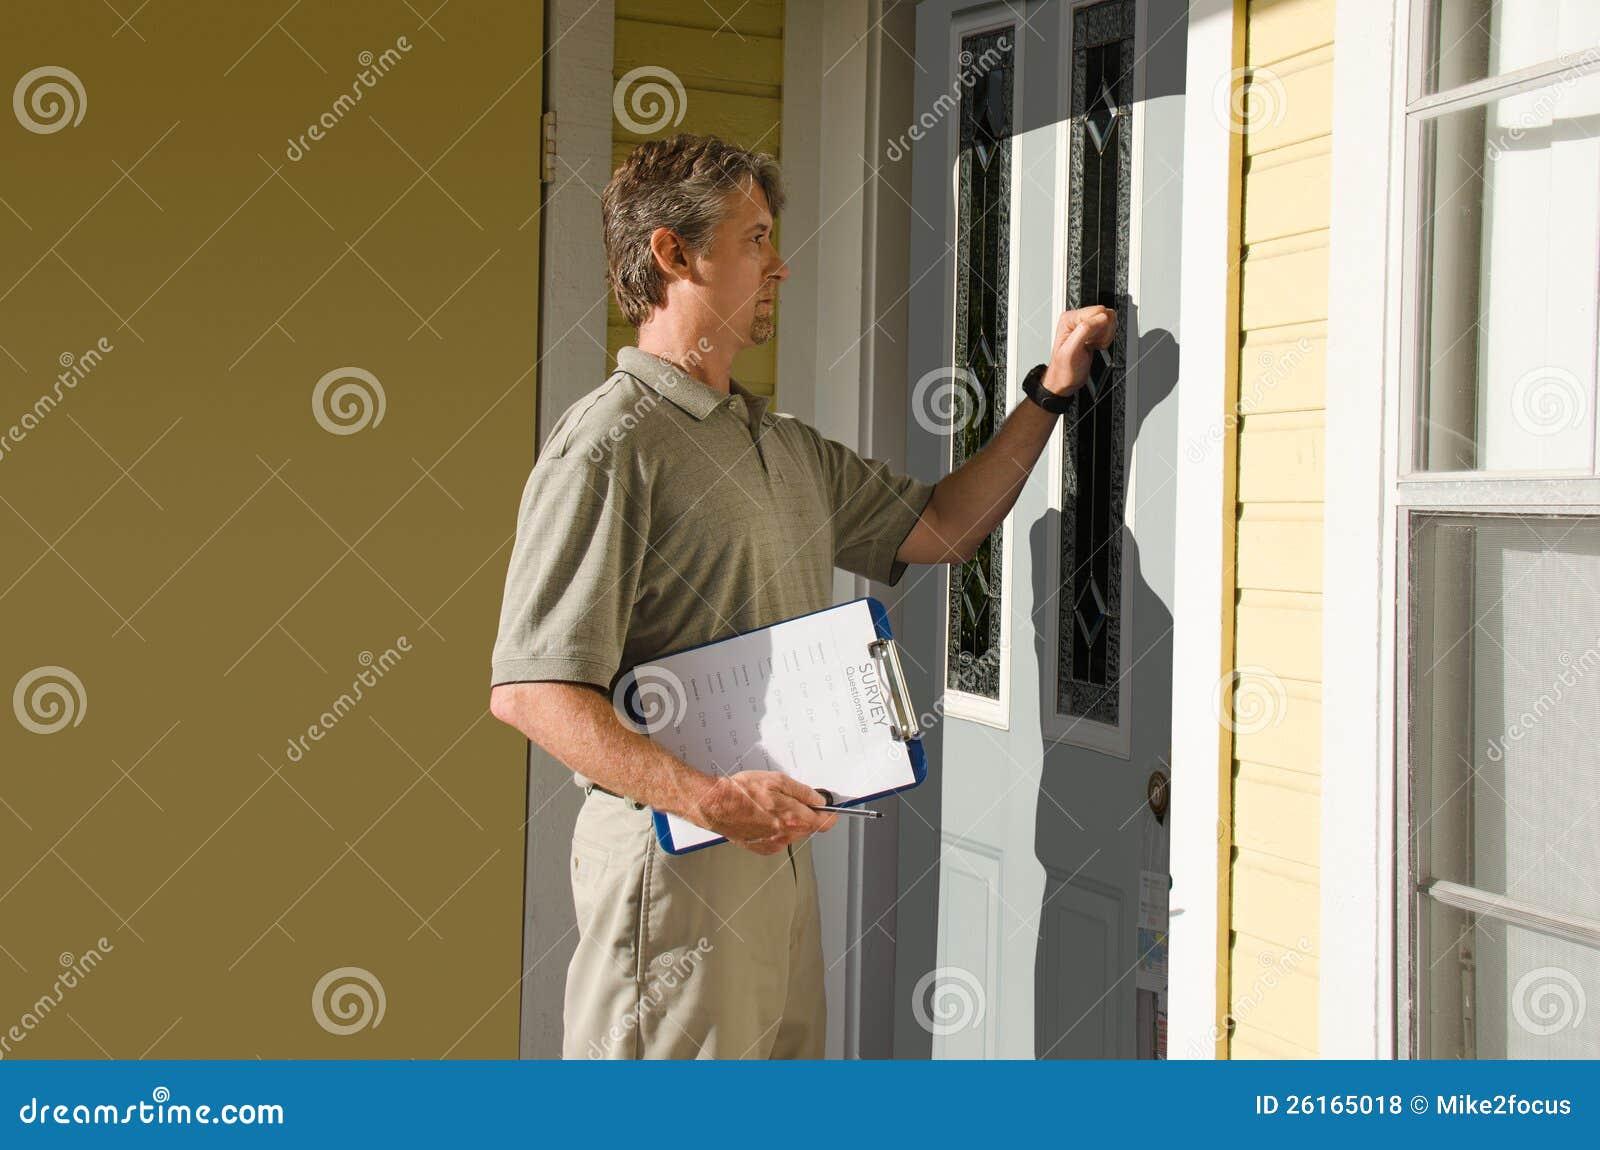 Man doing survey or petition work door-to-door